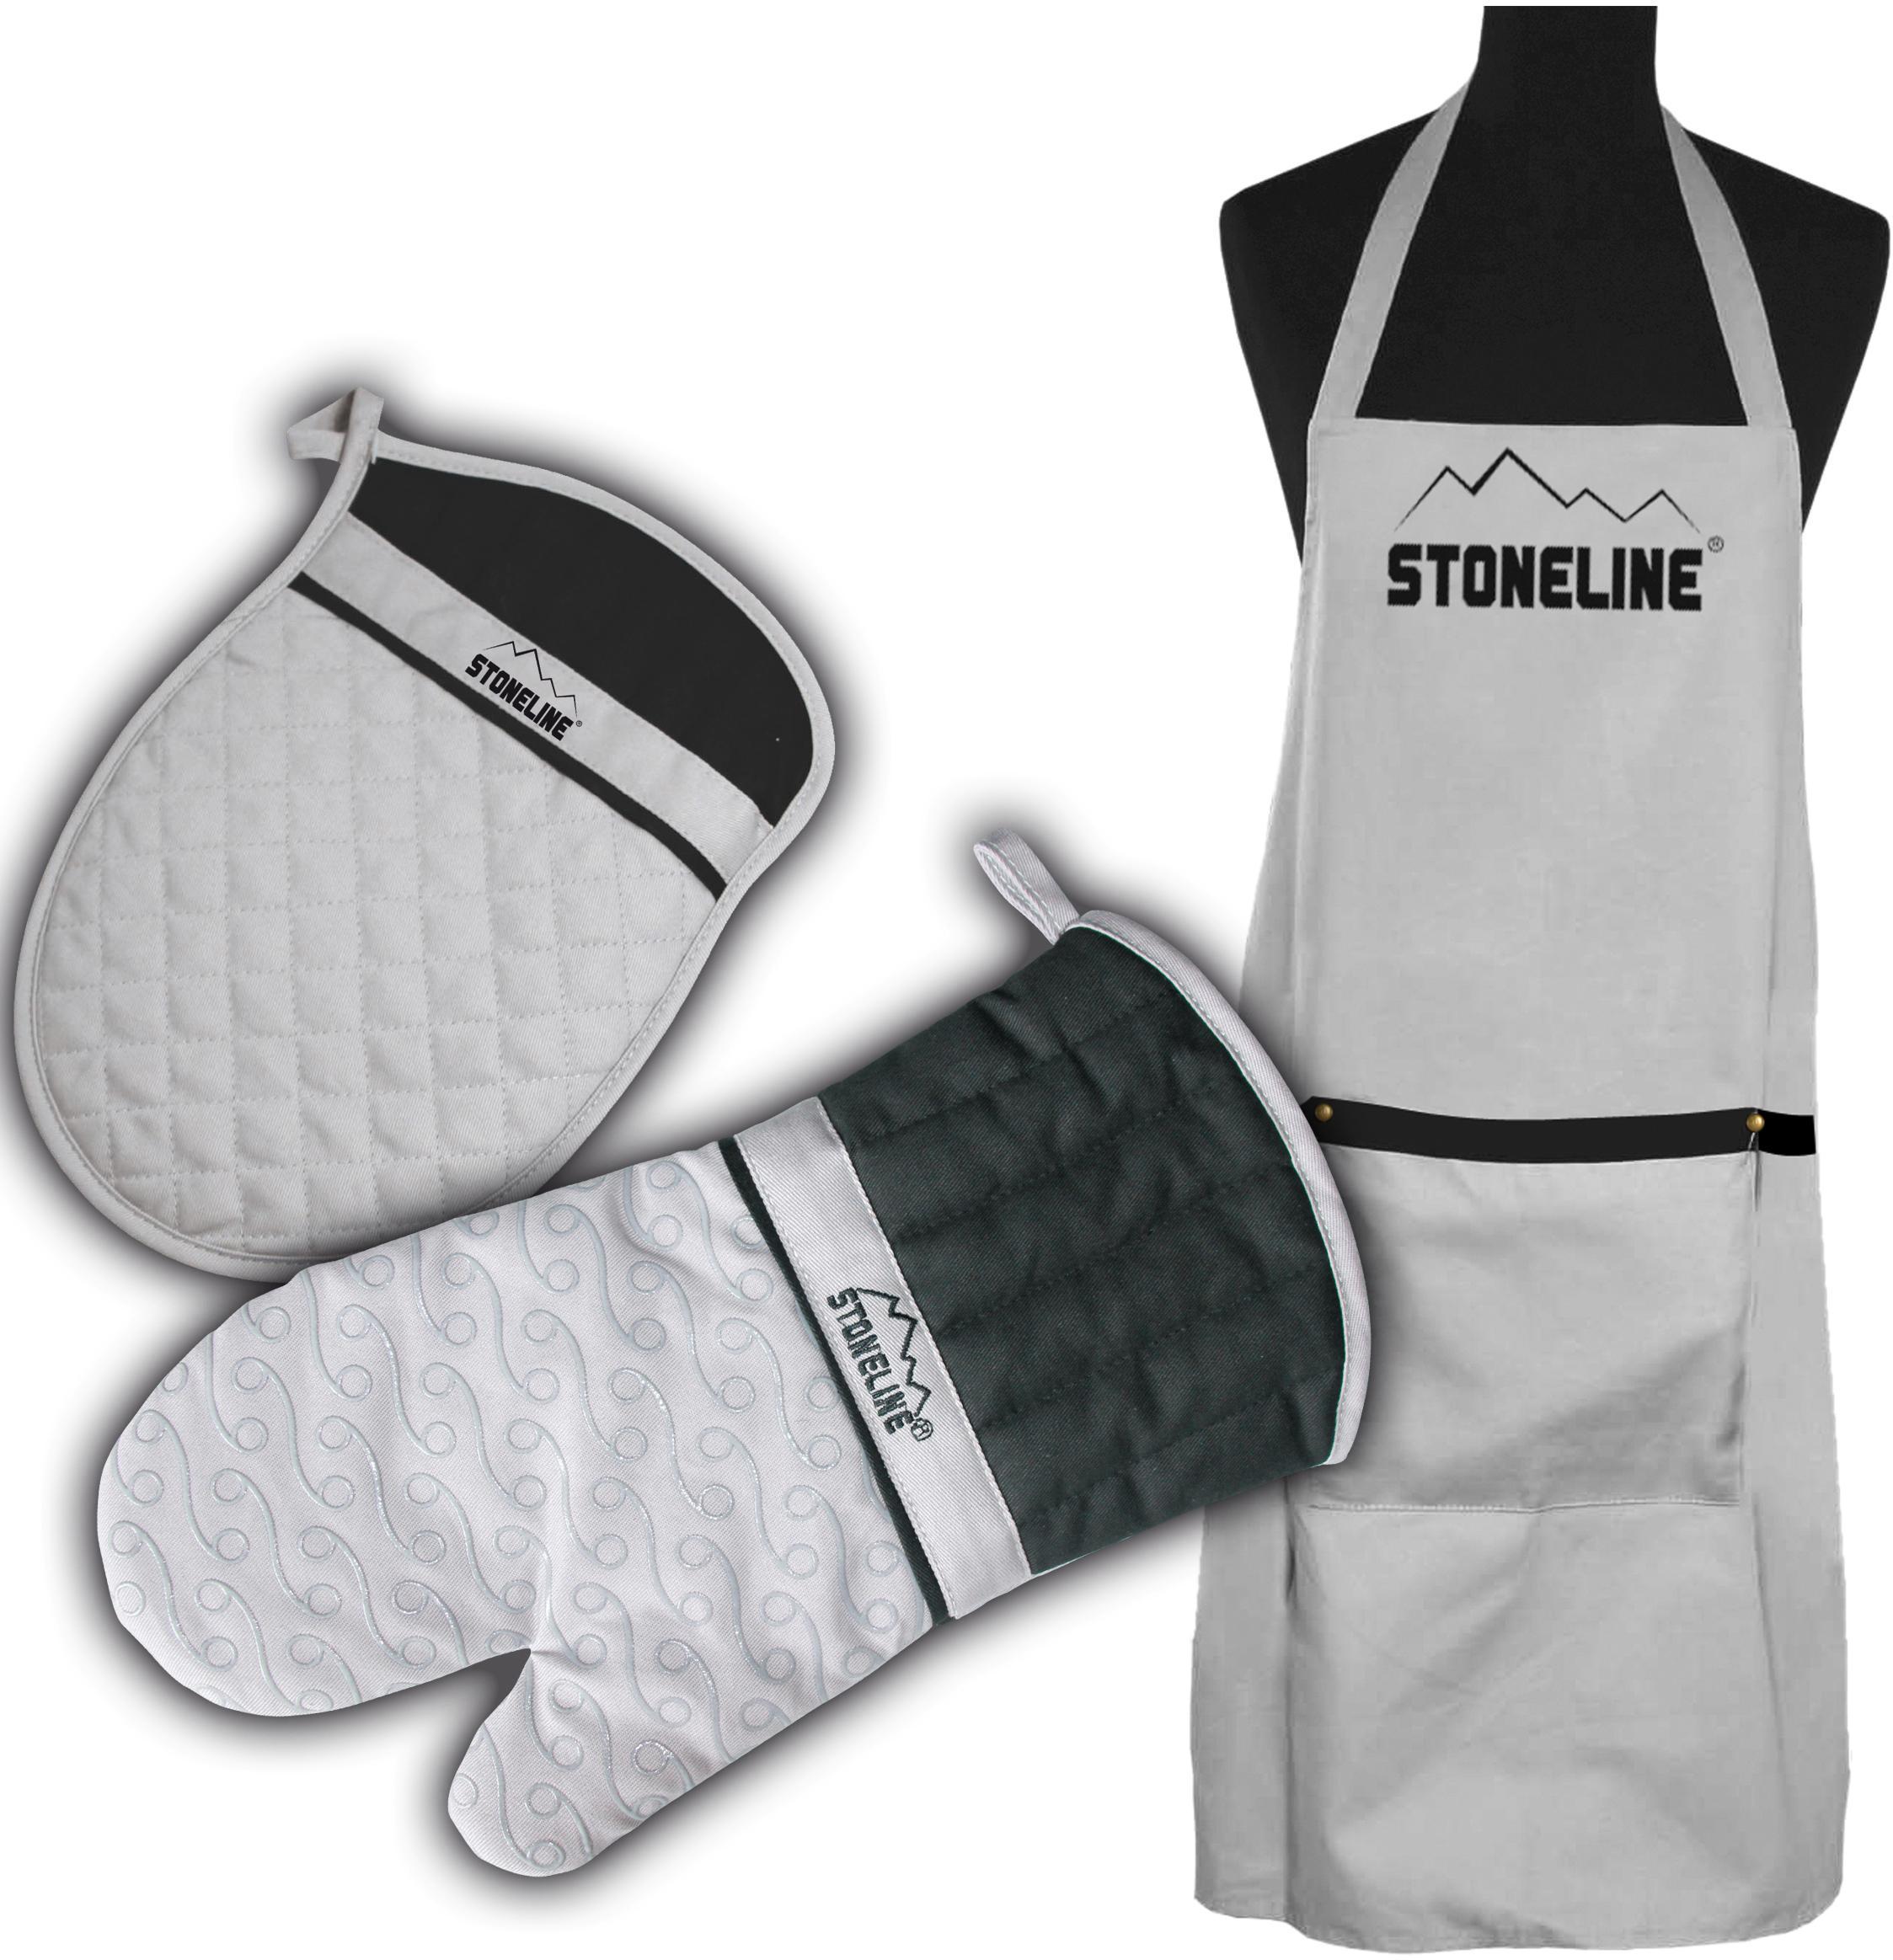 STONELINE Kochschürze (Set 3-tlg) Wohnen/Haushalt/Haushaltswaren/Kochen & Backen/Küchenschürze und Kochschürze